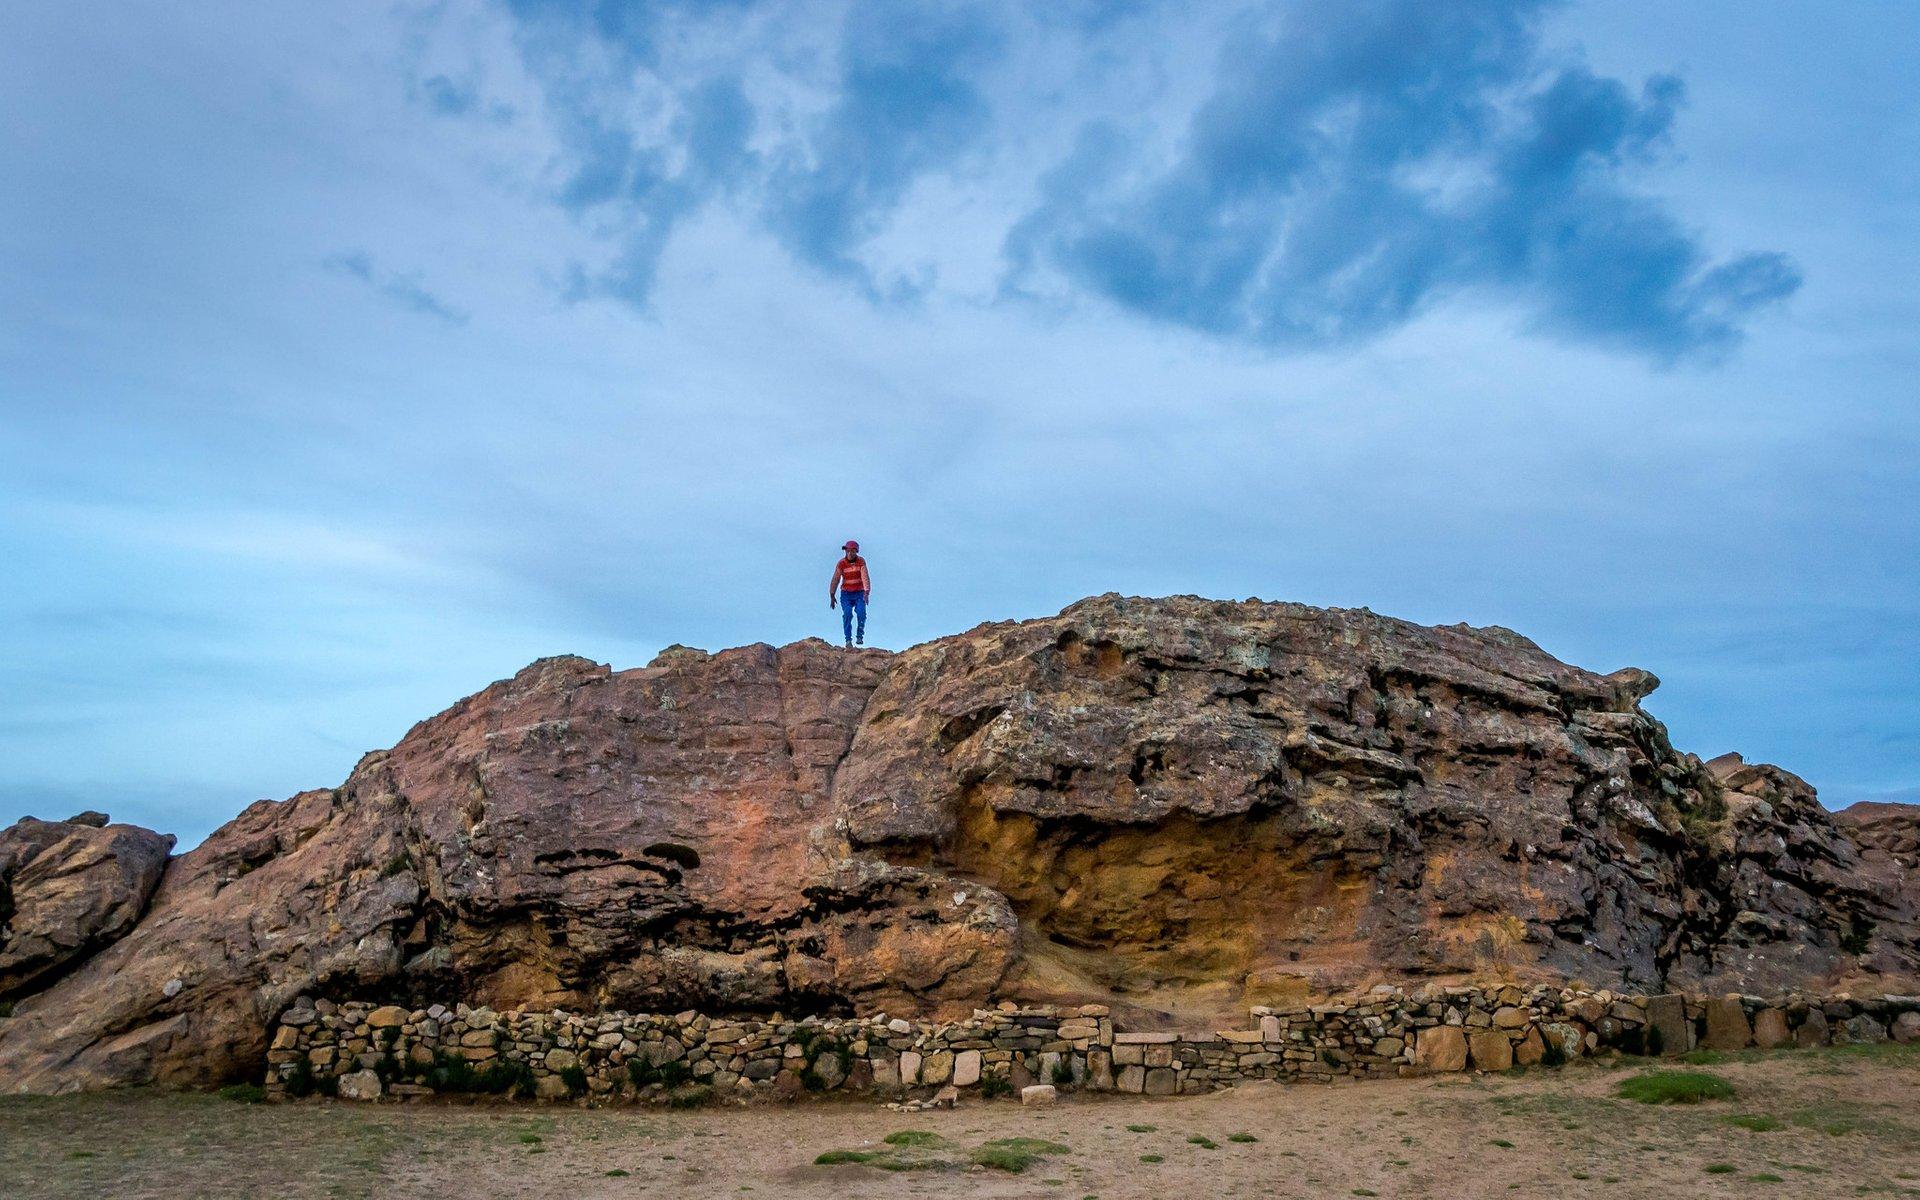 Isla del Sol - Lado Norte - Roca Sagrada y Oliver 2020